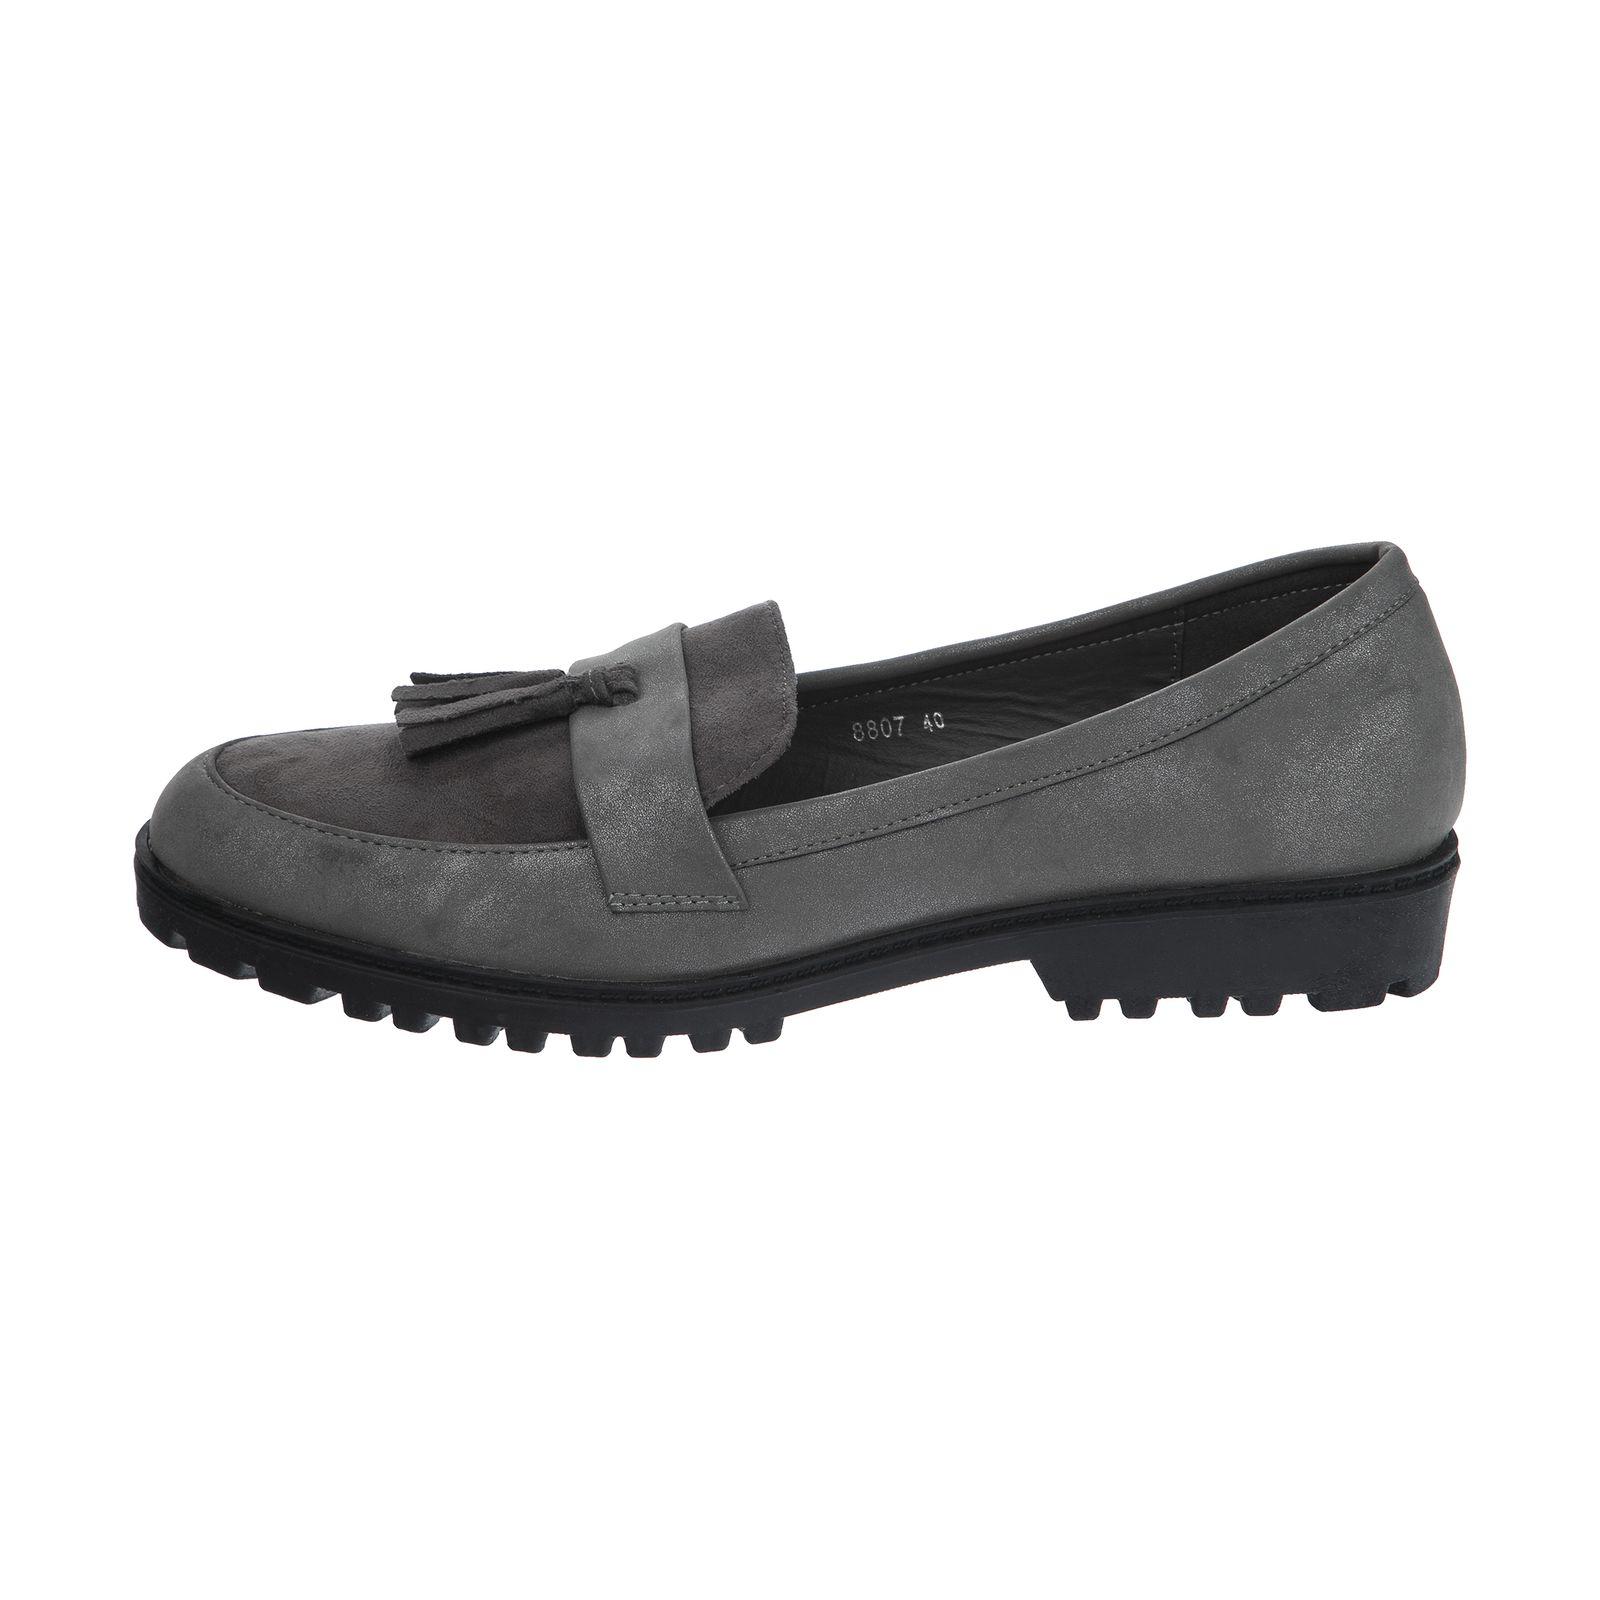 کفش روزمره زنانه مادام مدل F58807 -  - 2